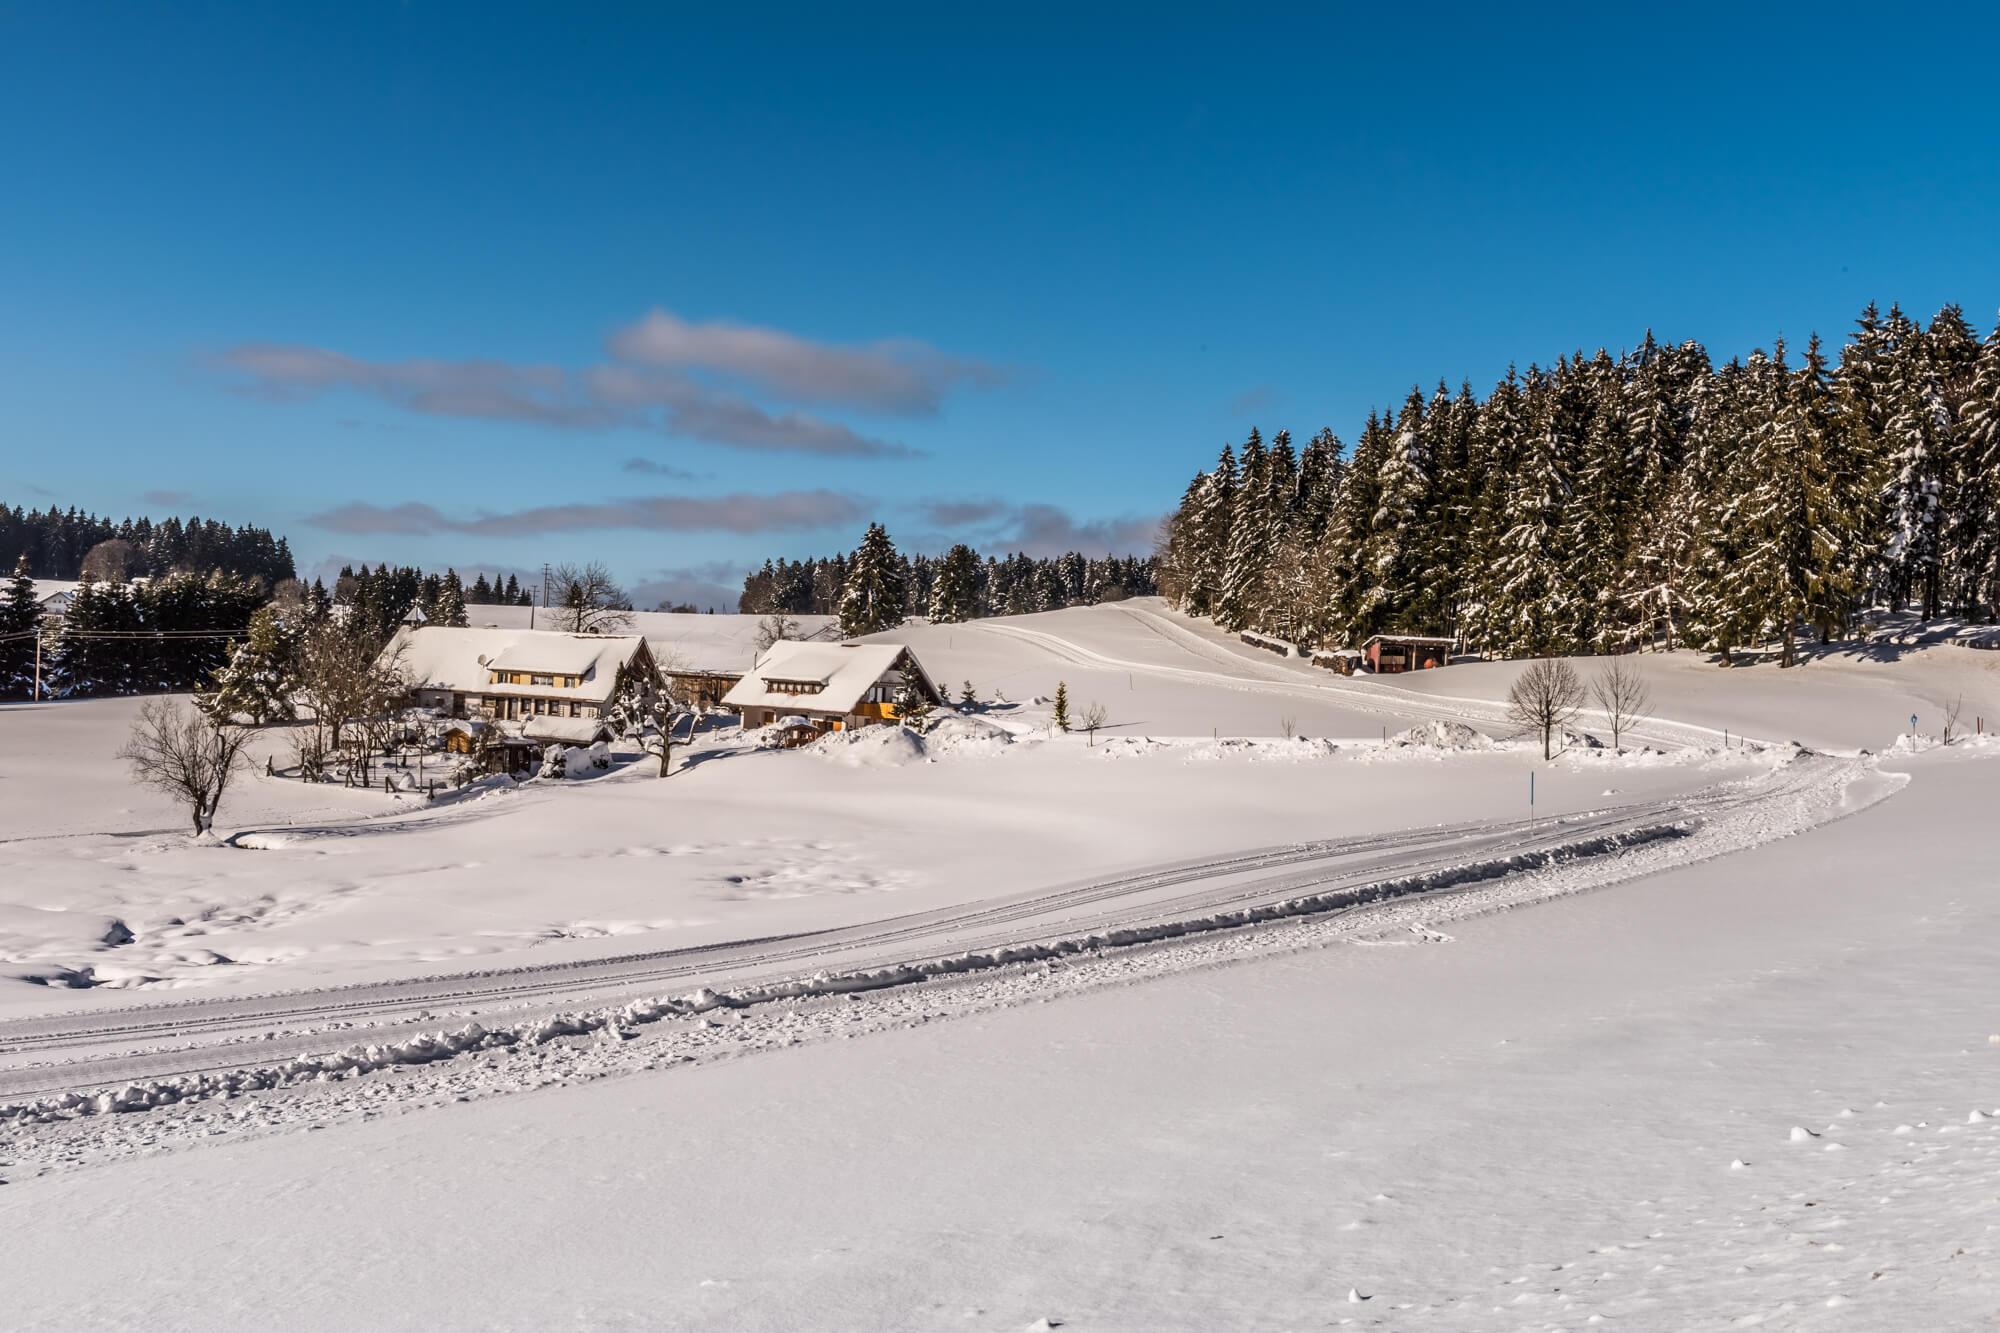 Schnee, Langlaufski, Langlauf, Sport, Wintersport, Baum, Loipe, Herrischried, Winter, Winterurlaub, Ferienwelt, Südschwarzwald, Schwarzwald